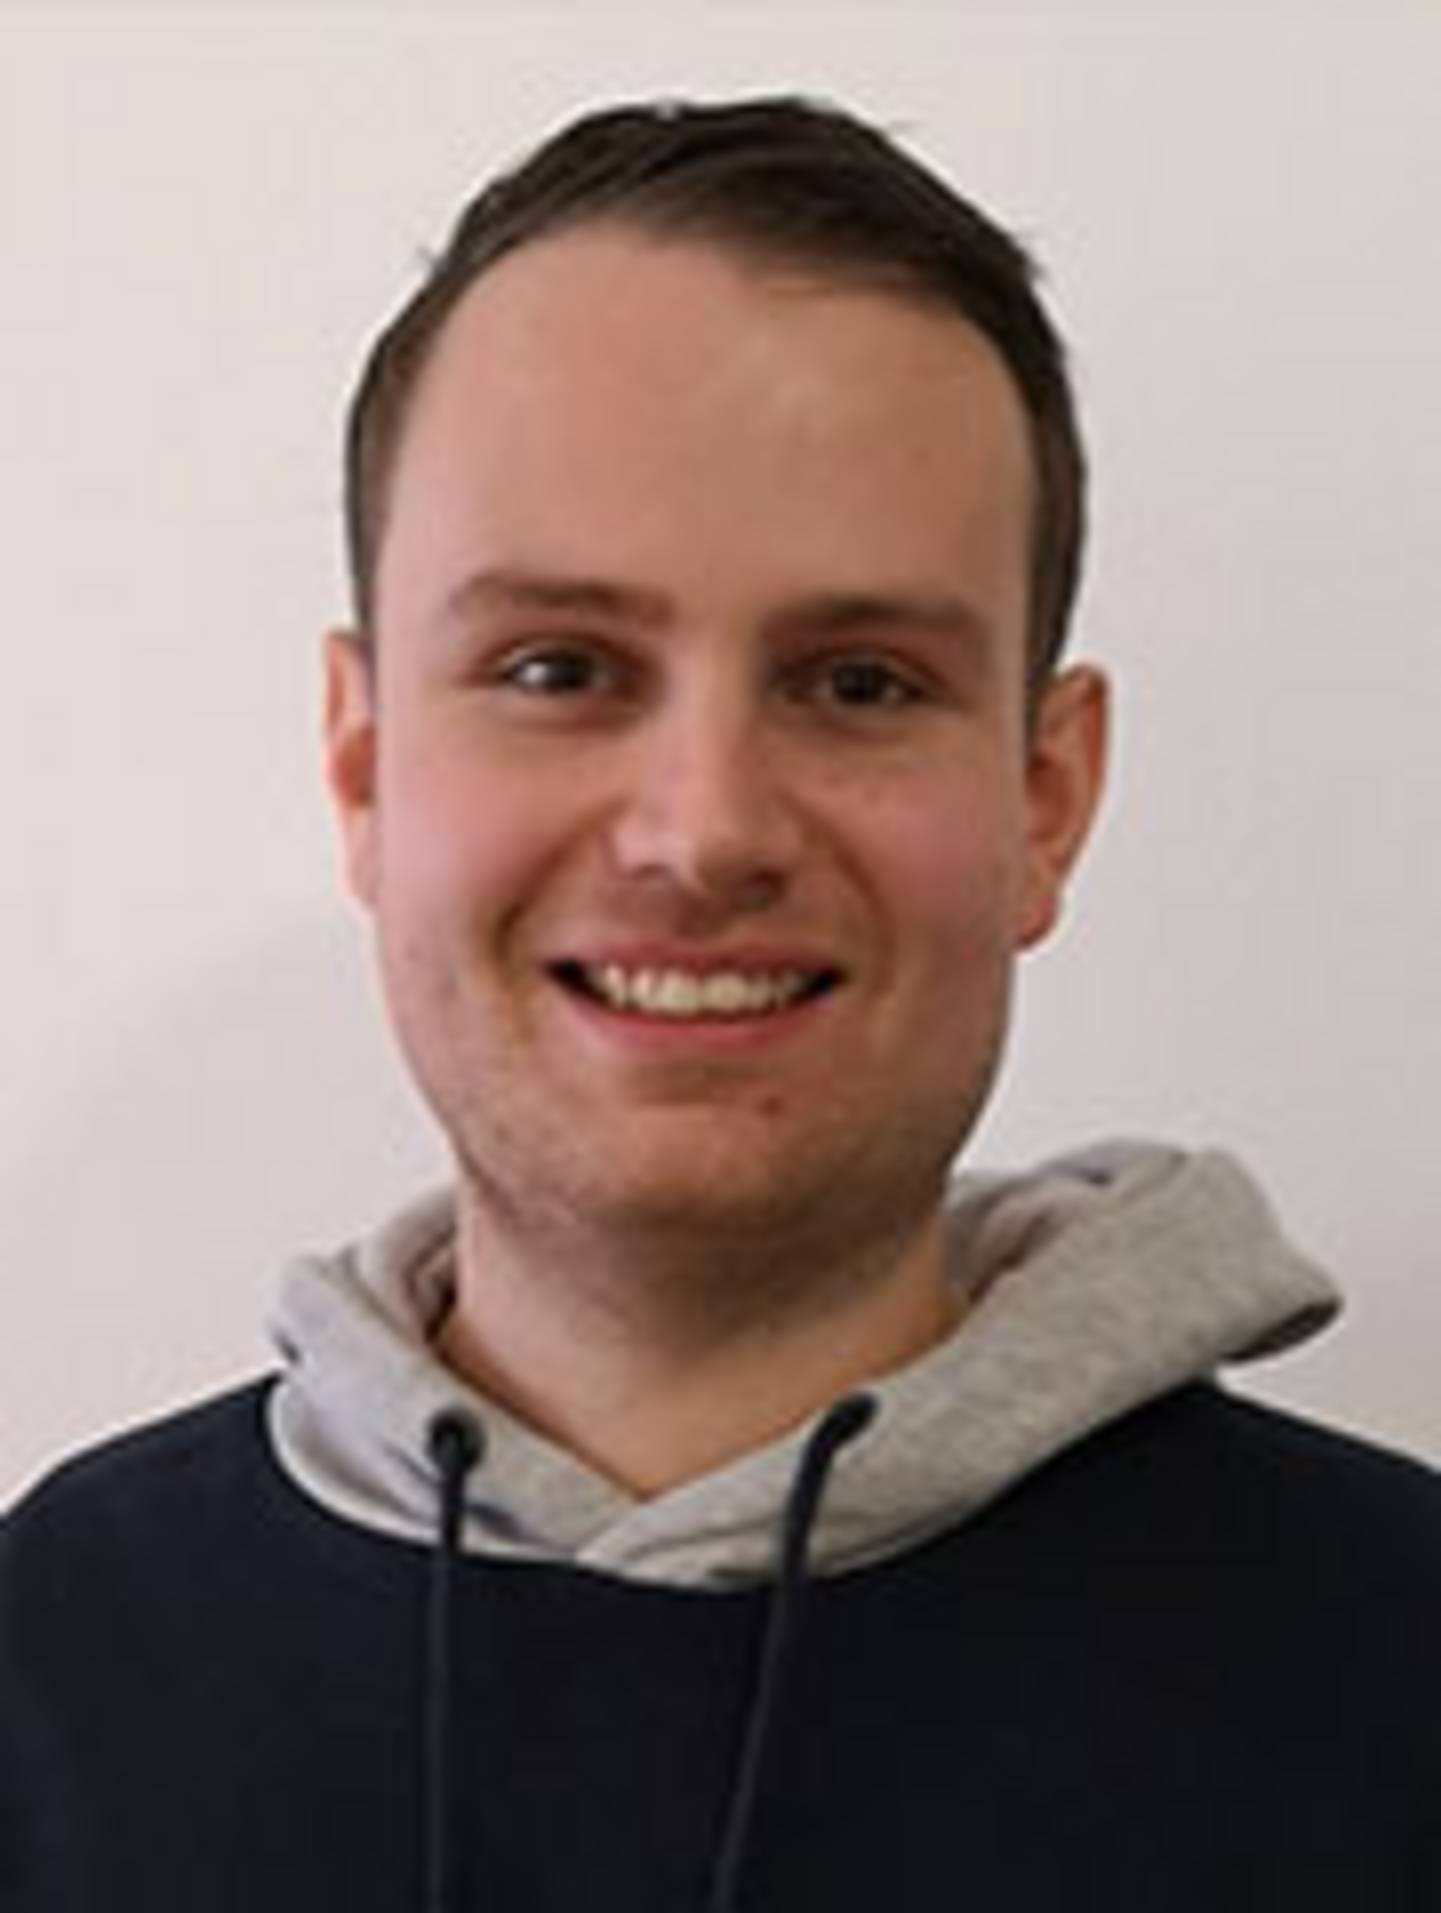 Alexander Stolz